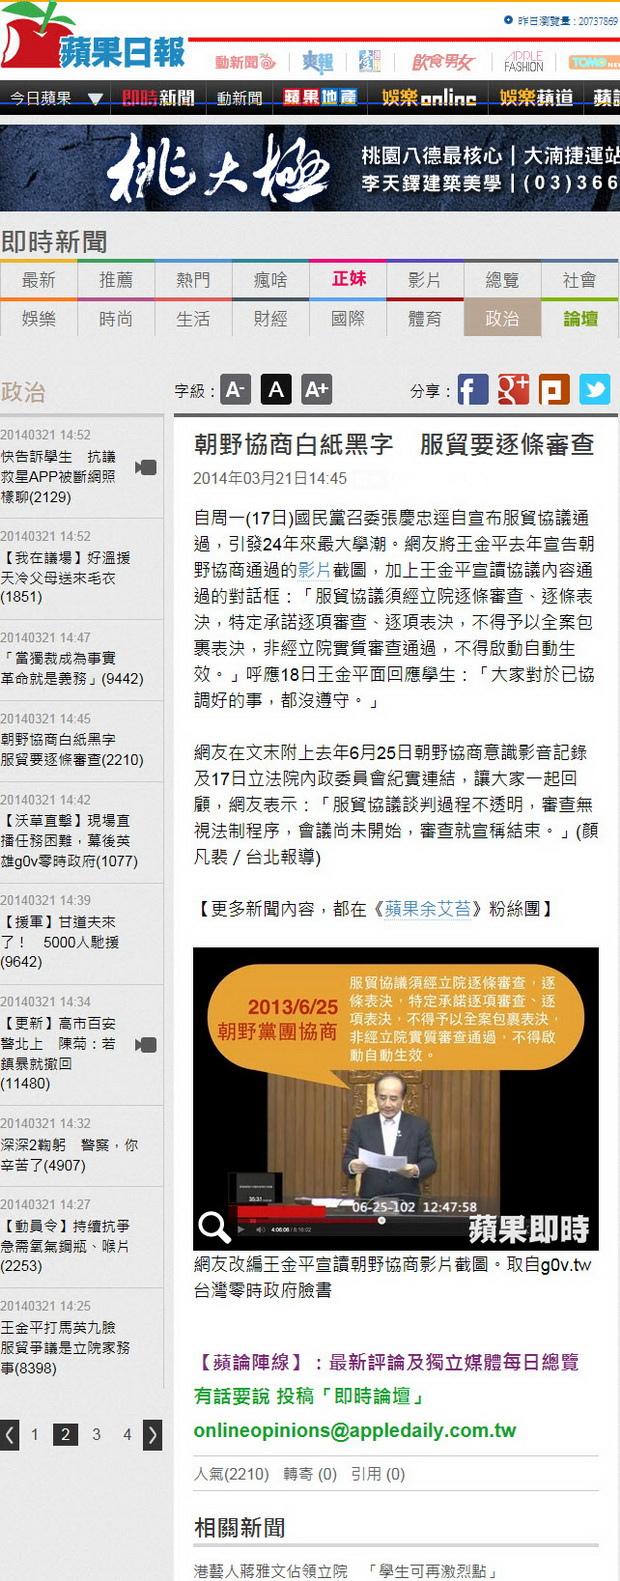 朝野協商白紙黑字服貿要逐條審查 -2014.03.21.jpg